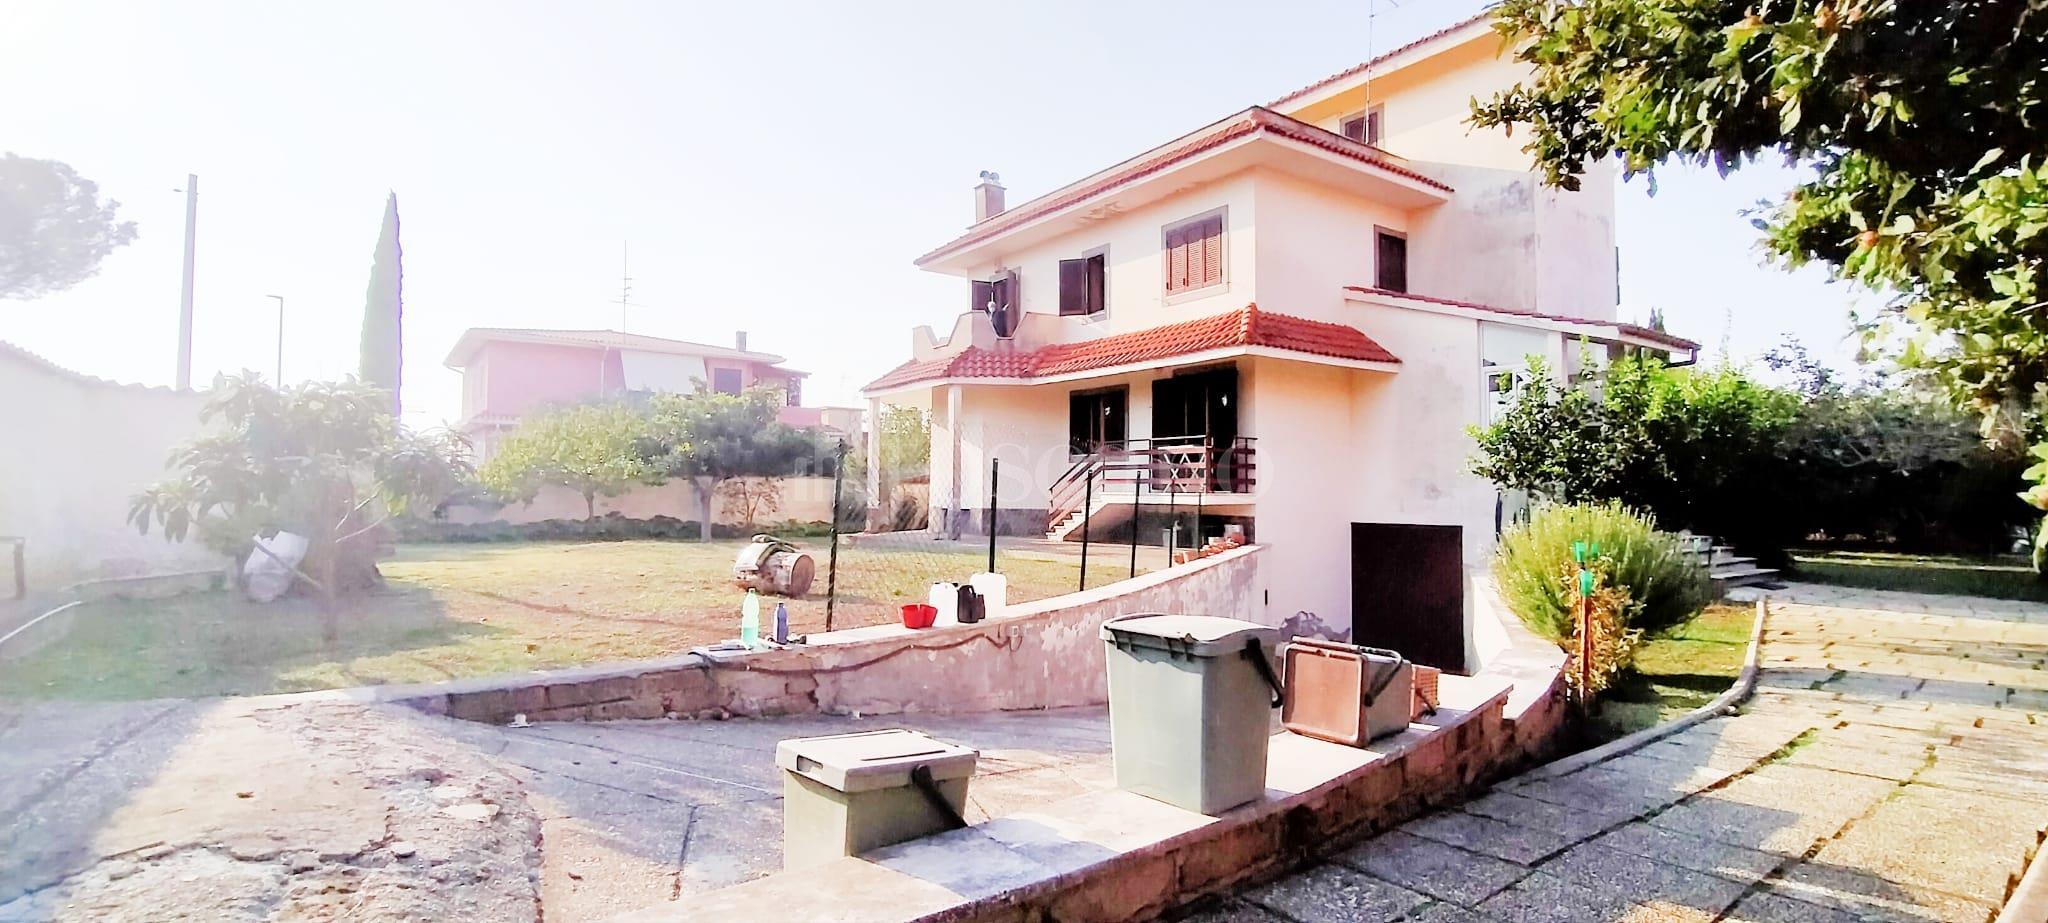 Villa in vendita di 350 mq a €799.000 (rif. 58/2020) immagine 3 di 15